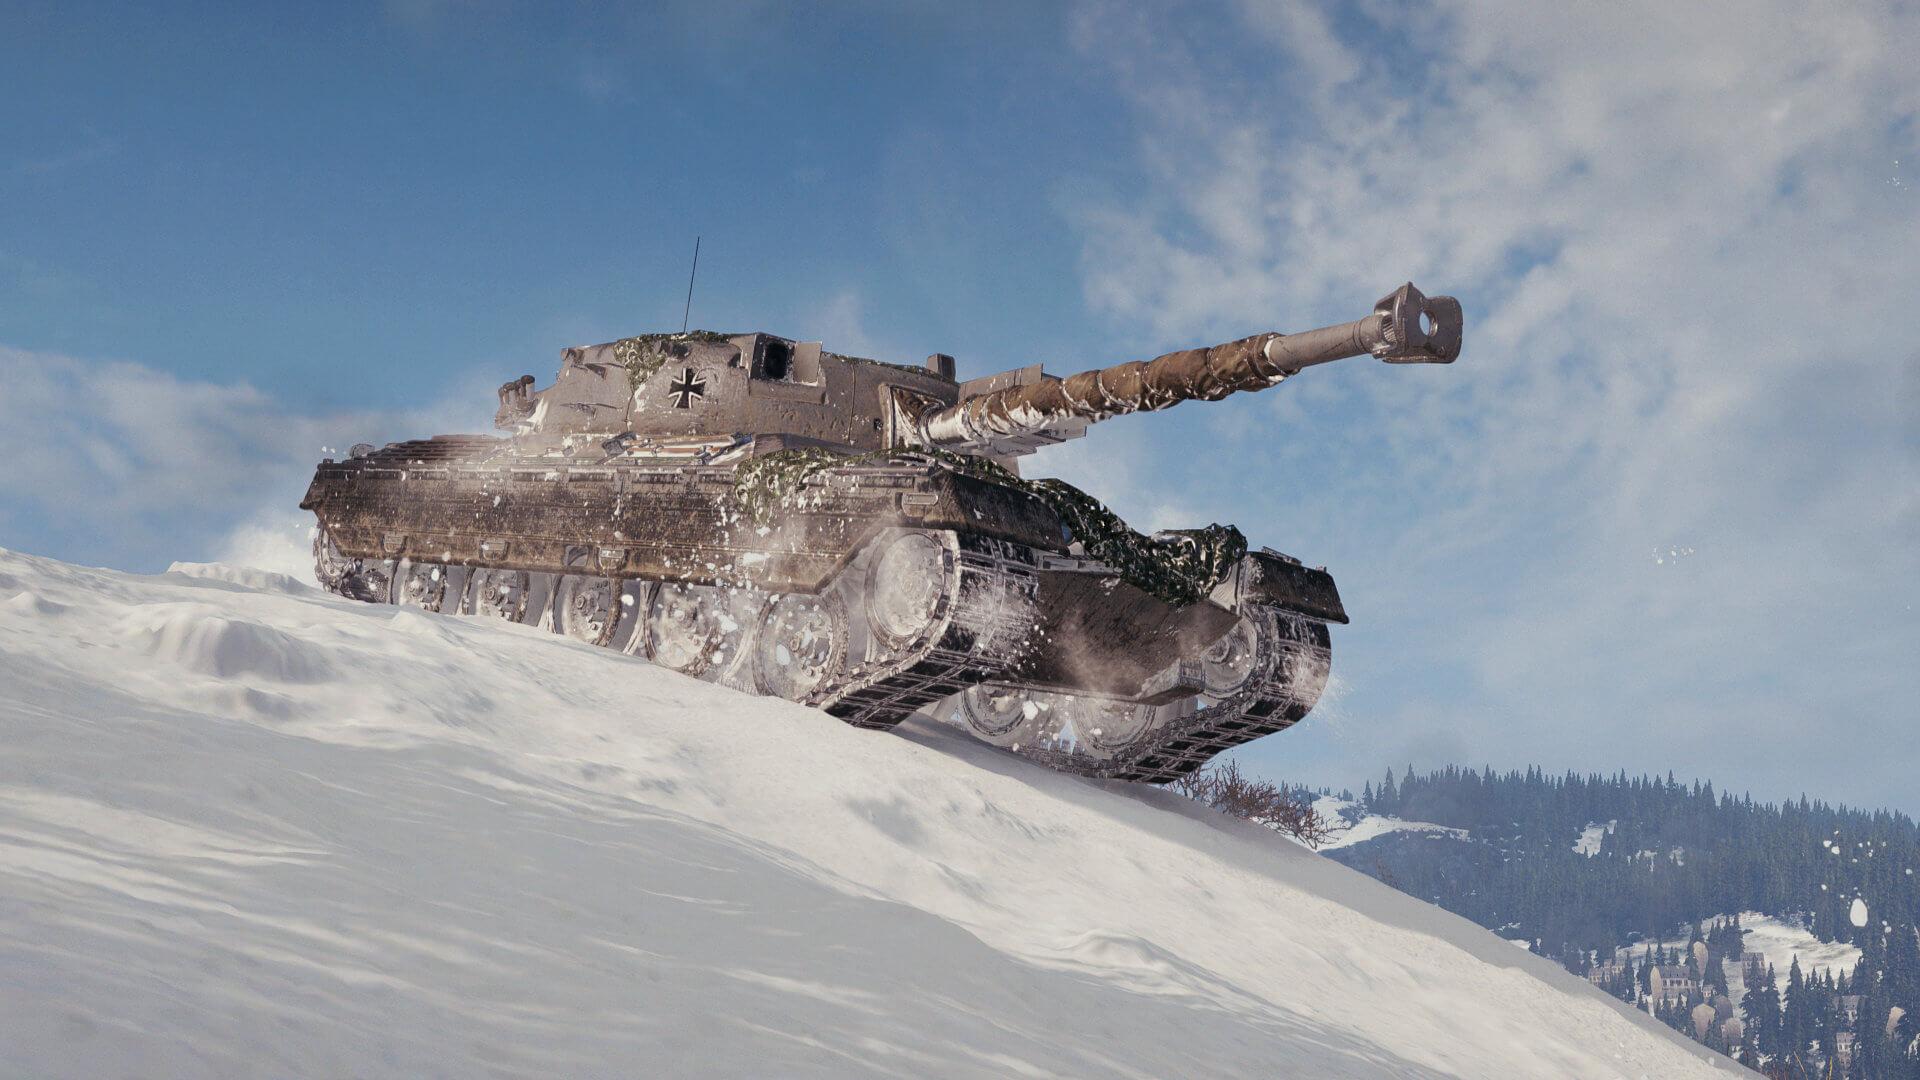 kampfpanzer50t